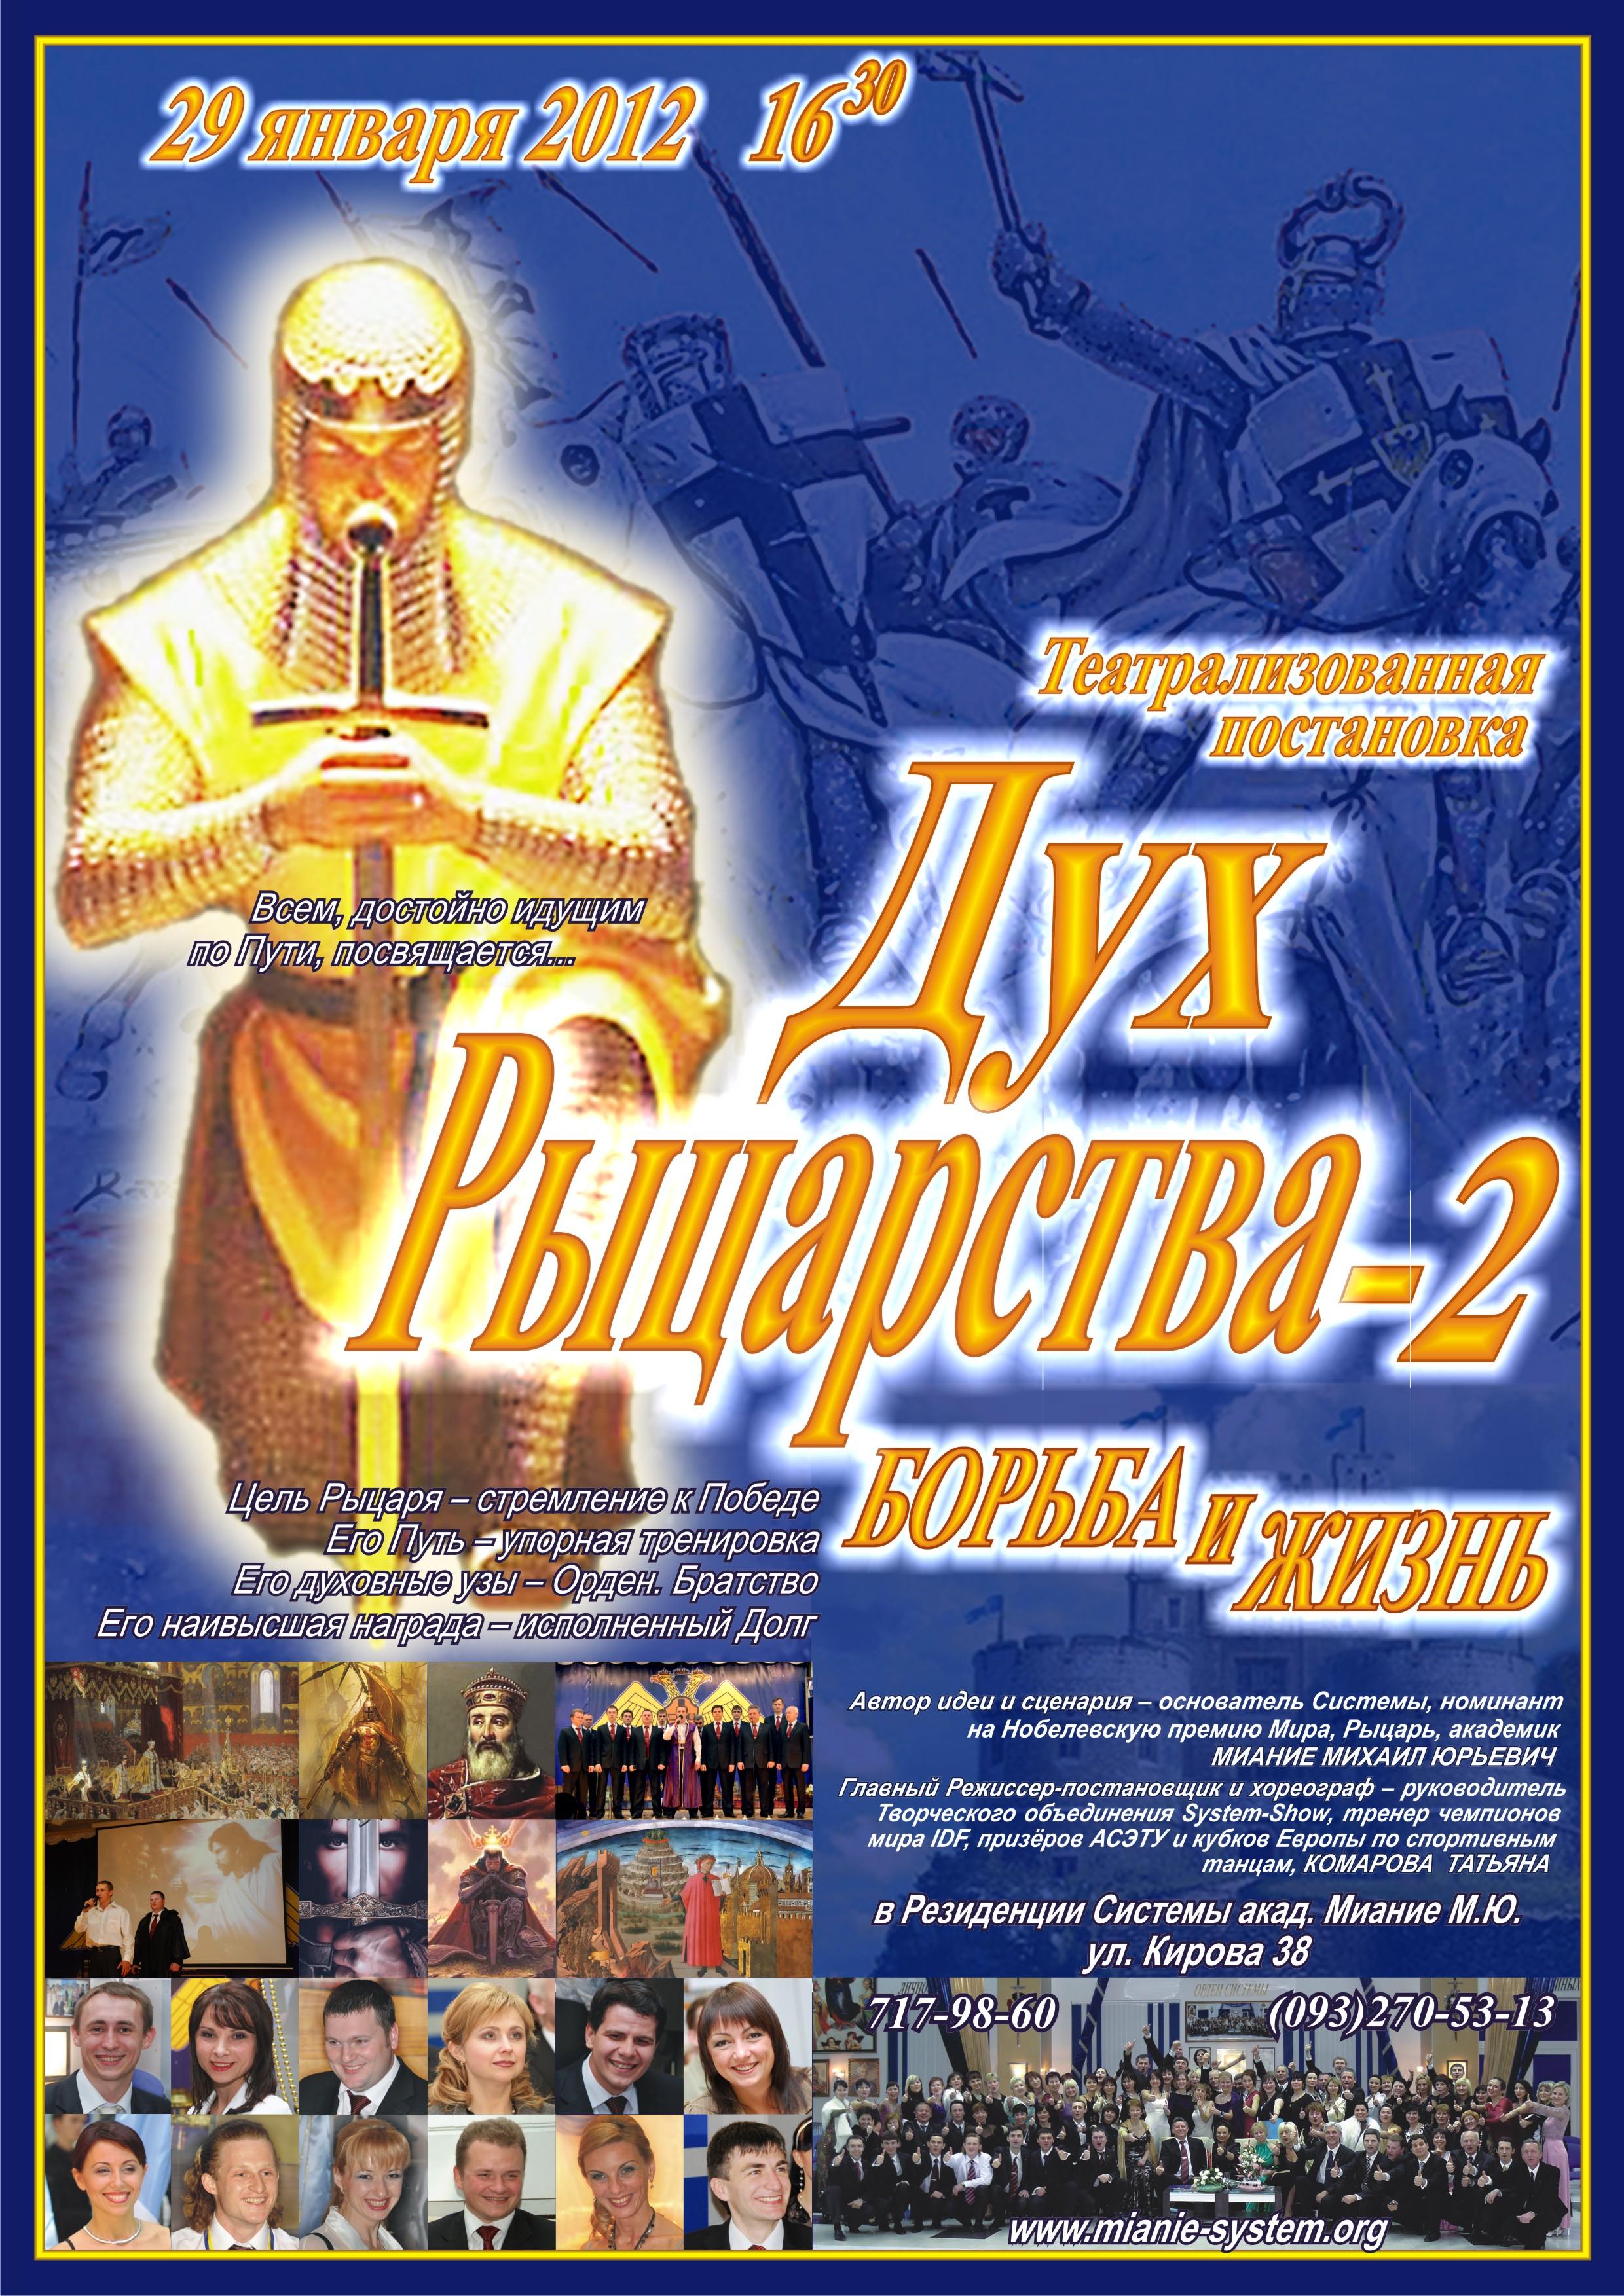 Афиша - Дух Рыцарства 2 . Борьба и Жизнь